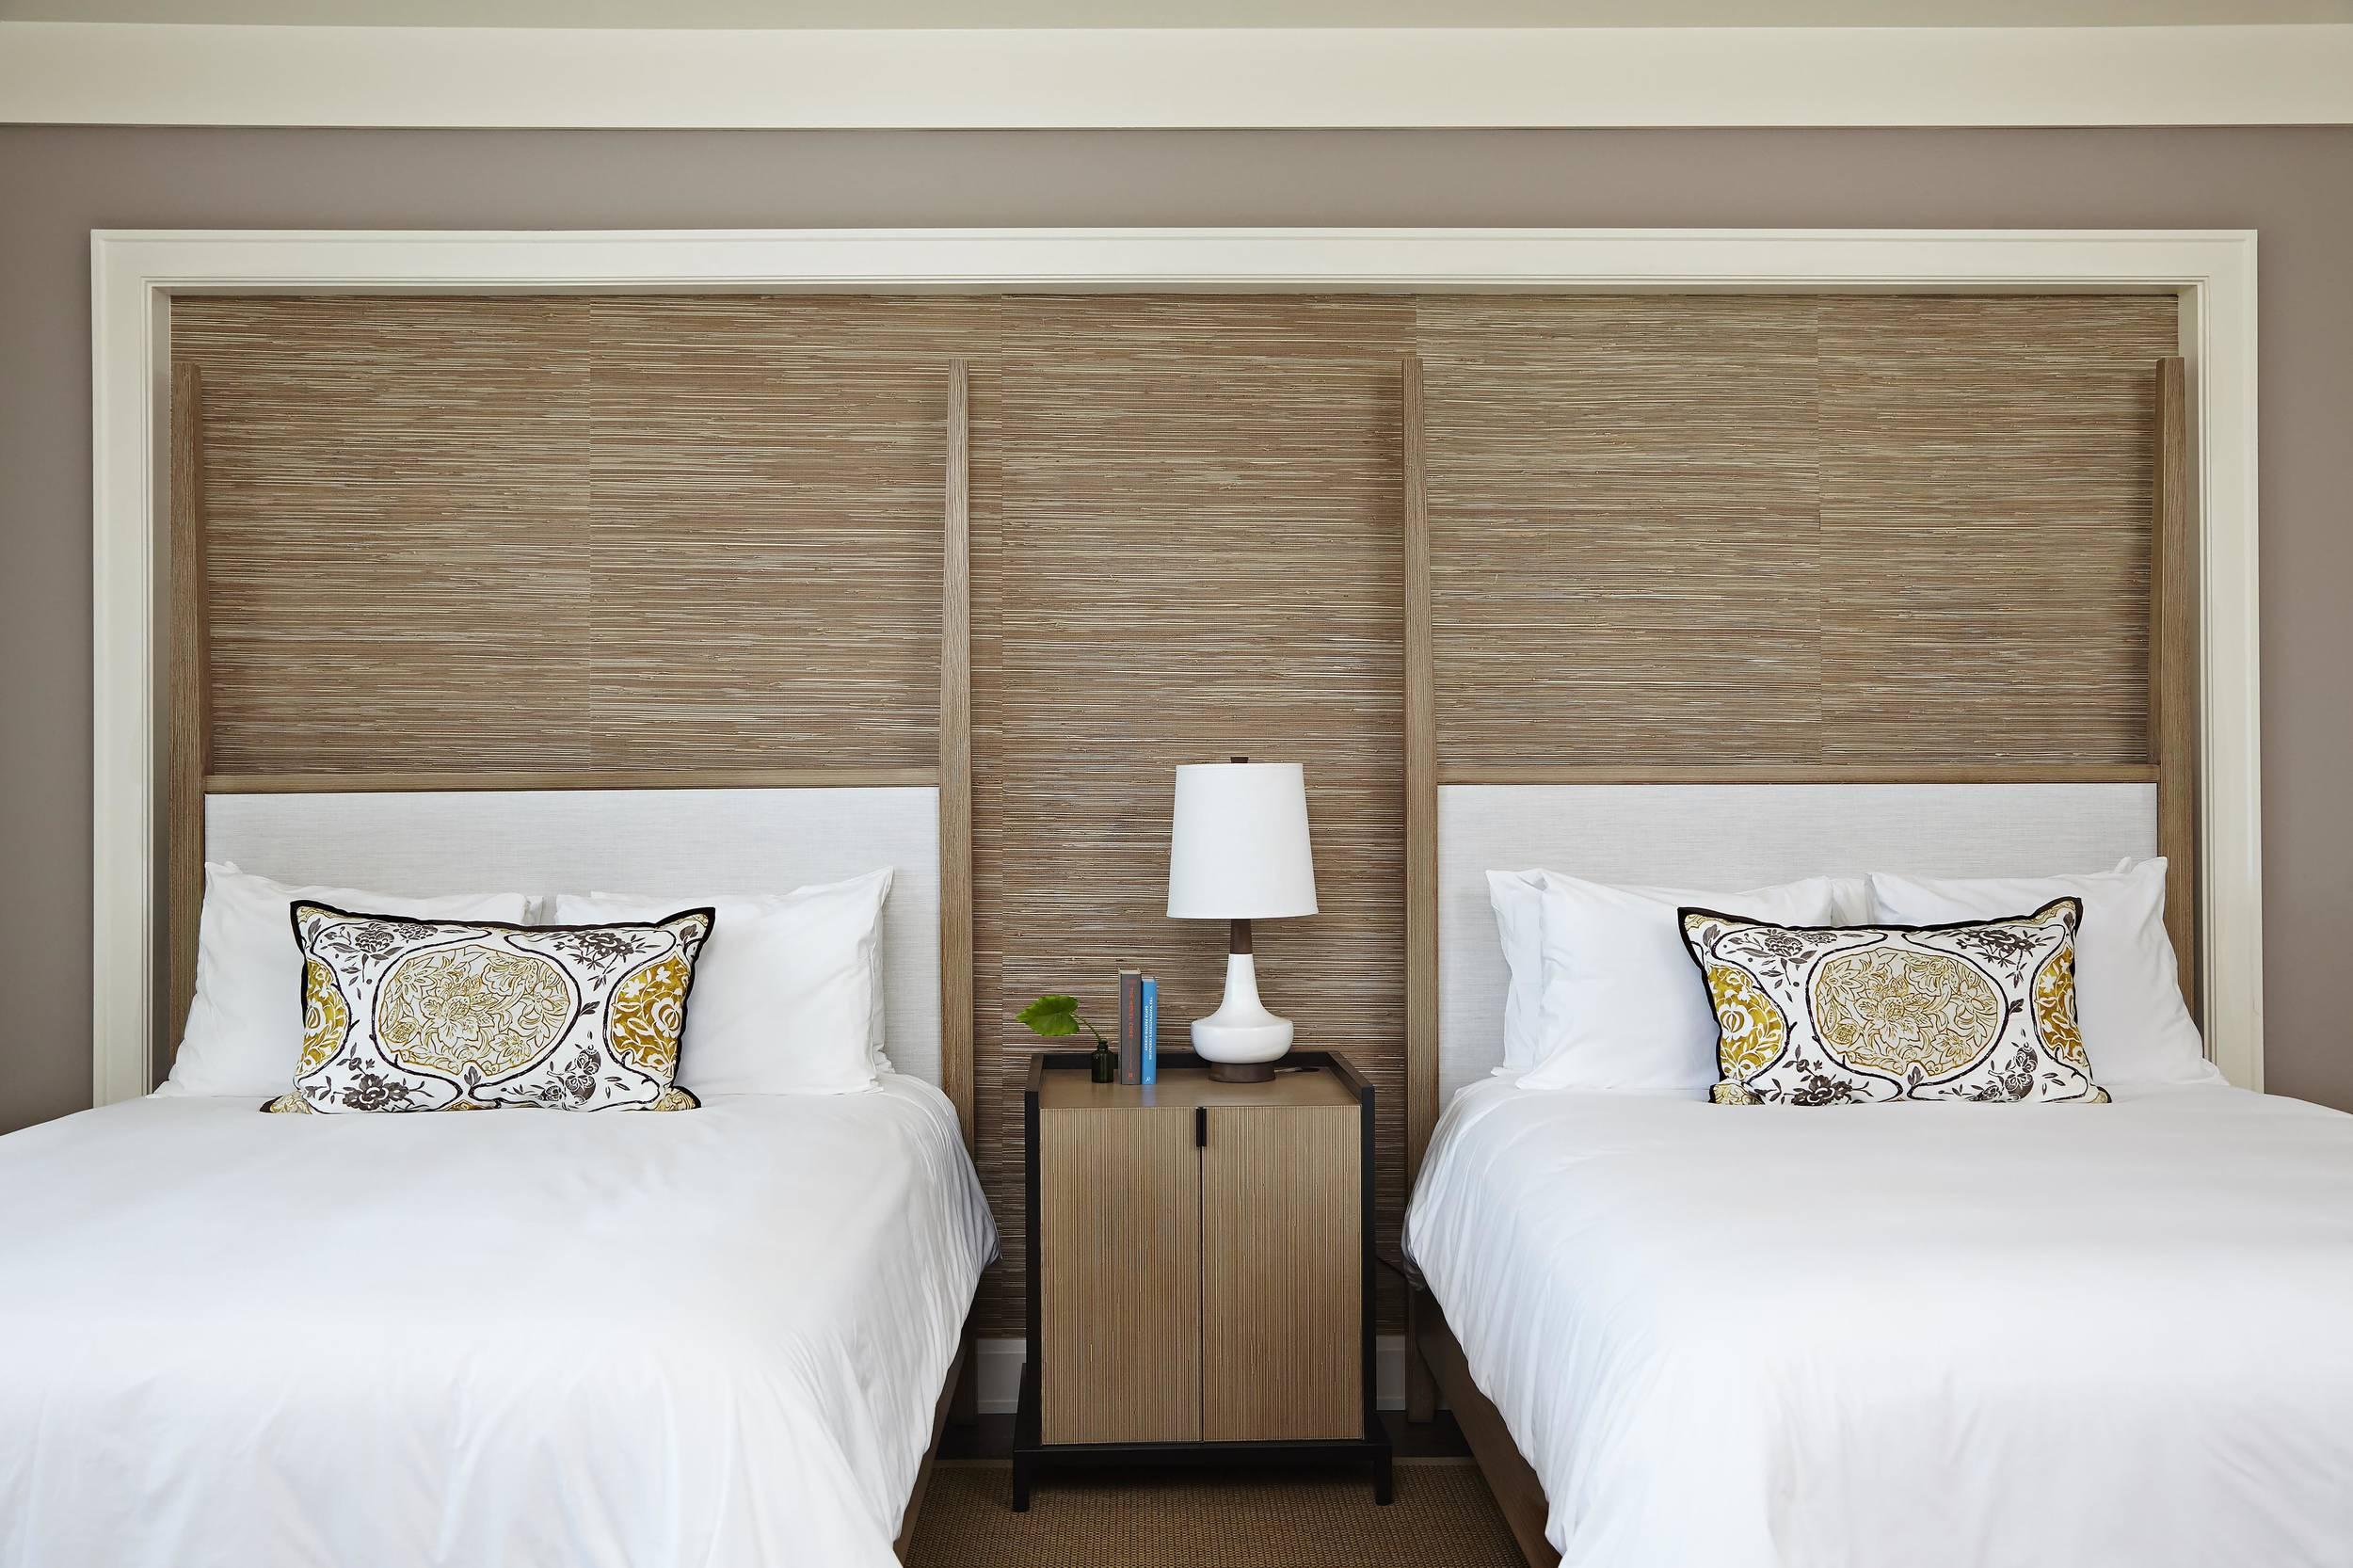 Island_House_Guestroom_Double_Queen copy.jpg